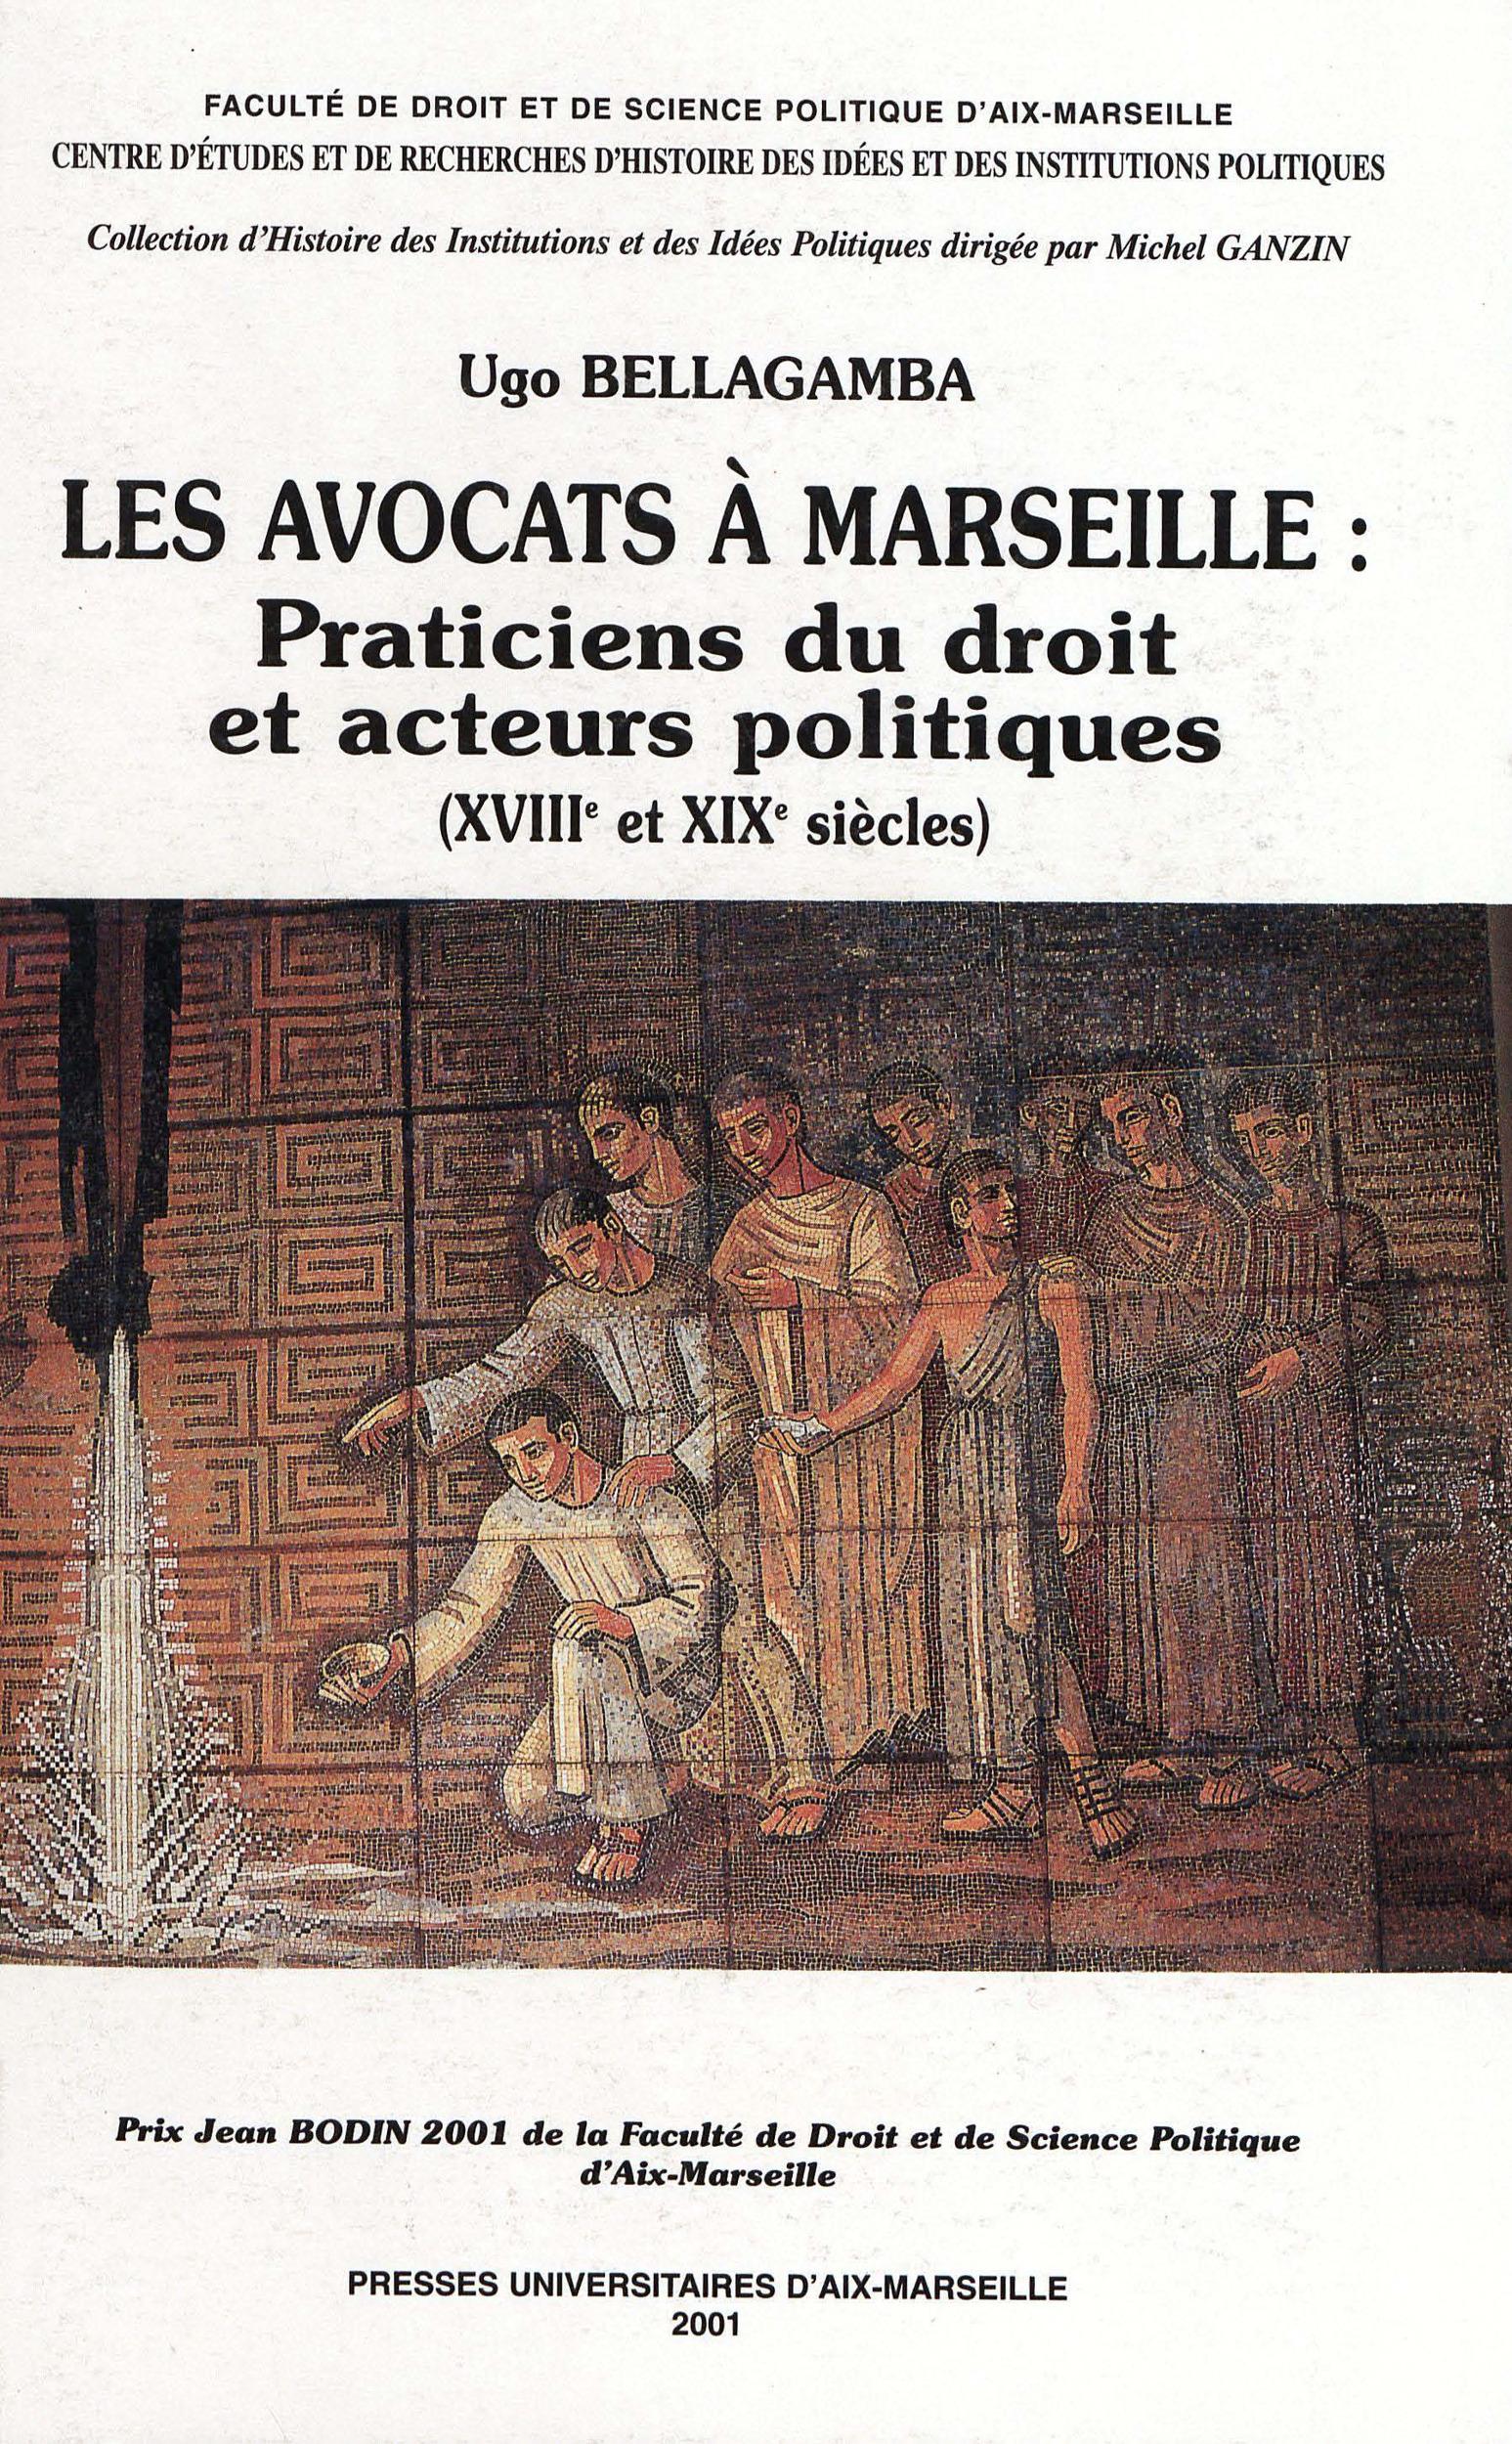 Les avocats à Marseille: praticiens du droit et acteurs politiques